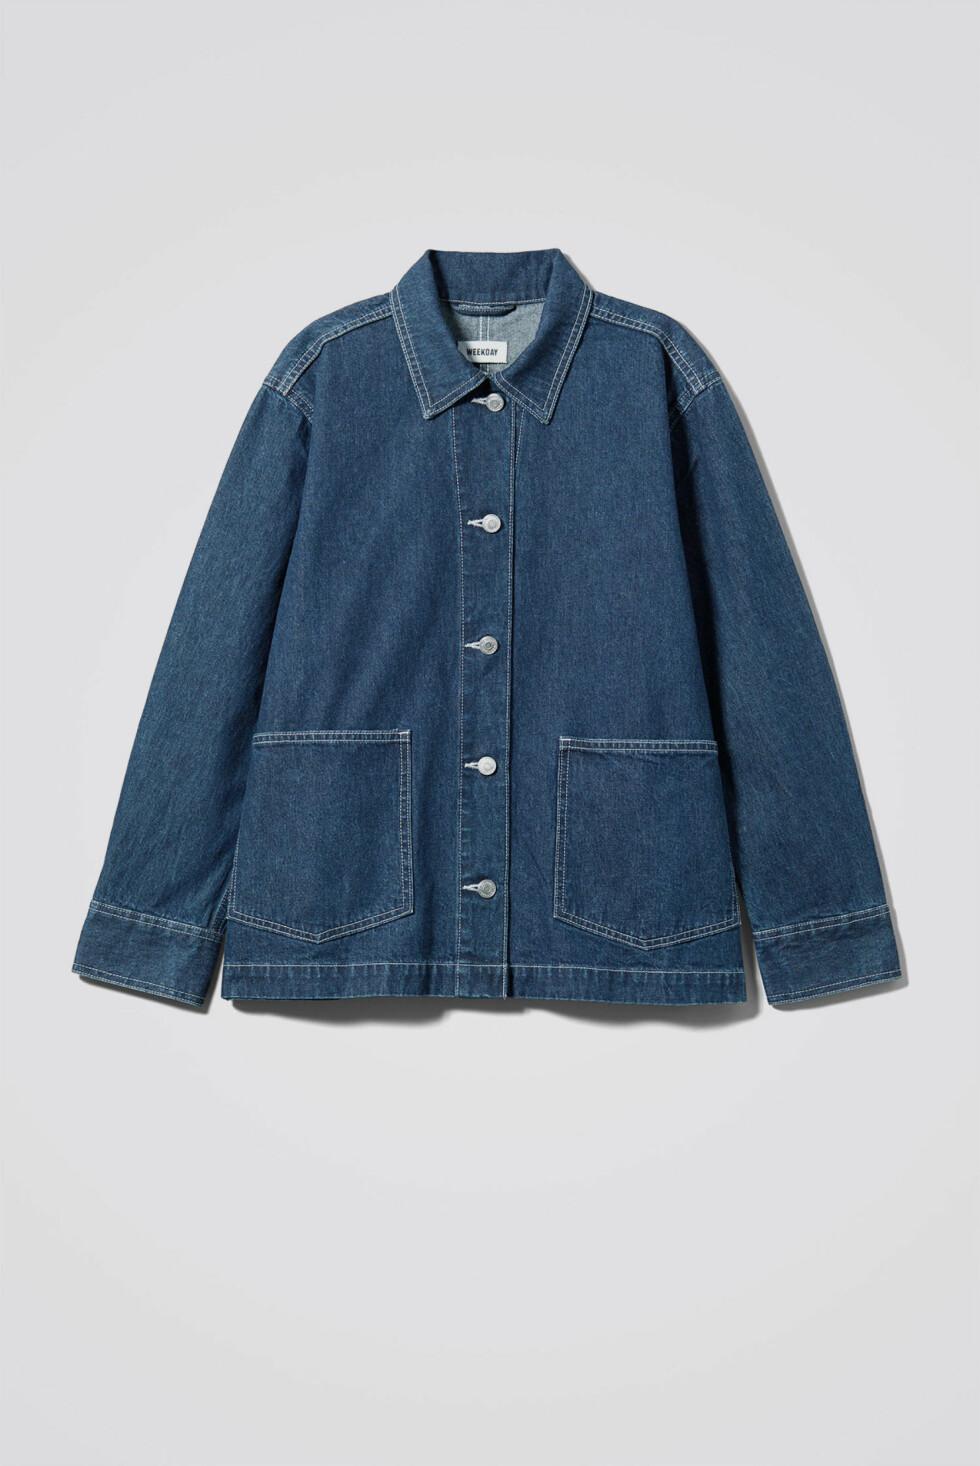 Jakke fra Weekday  600,-  https://www.weekday.com/en_sek/women/categories/new-arrivals/product.dual-denim-jacket-blue.0651681001.html